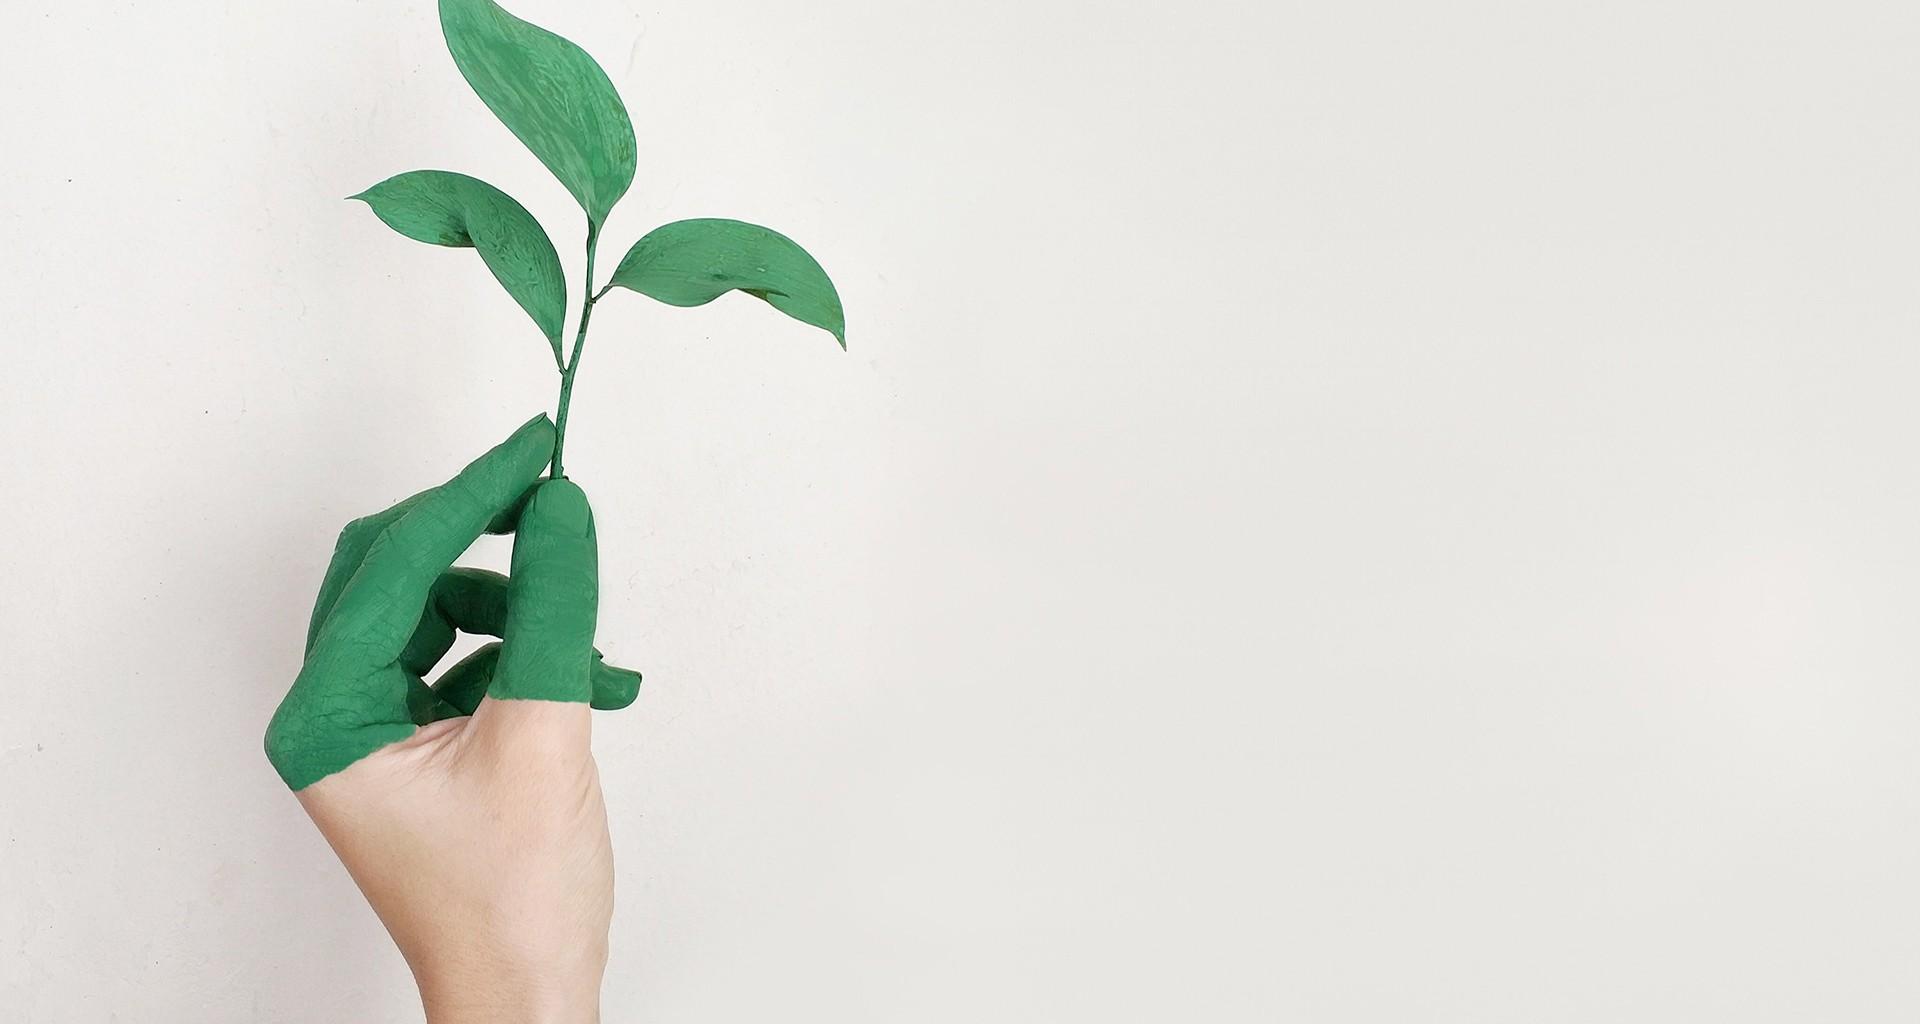 Mano con planta verde